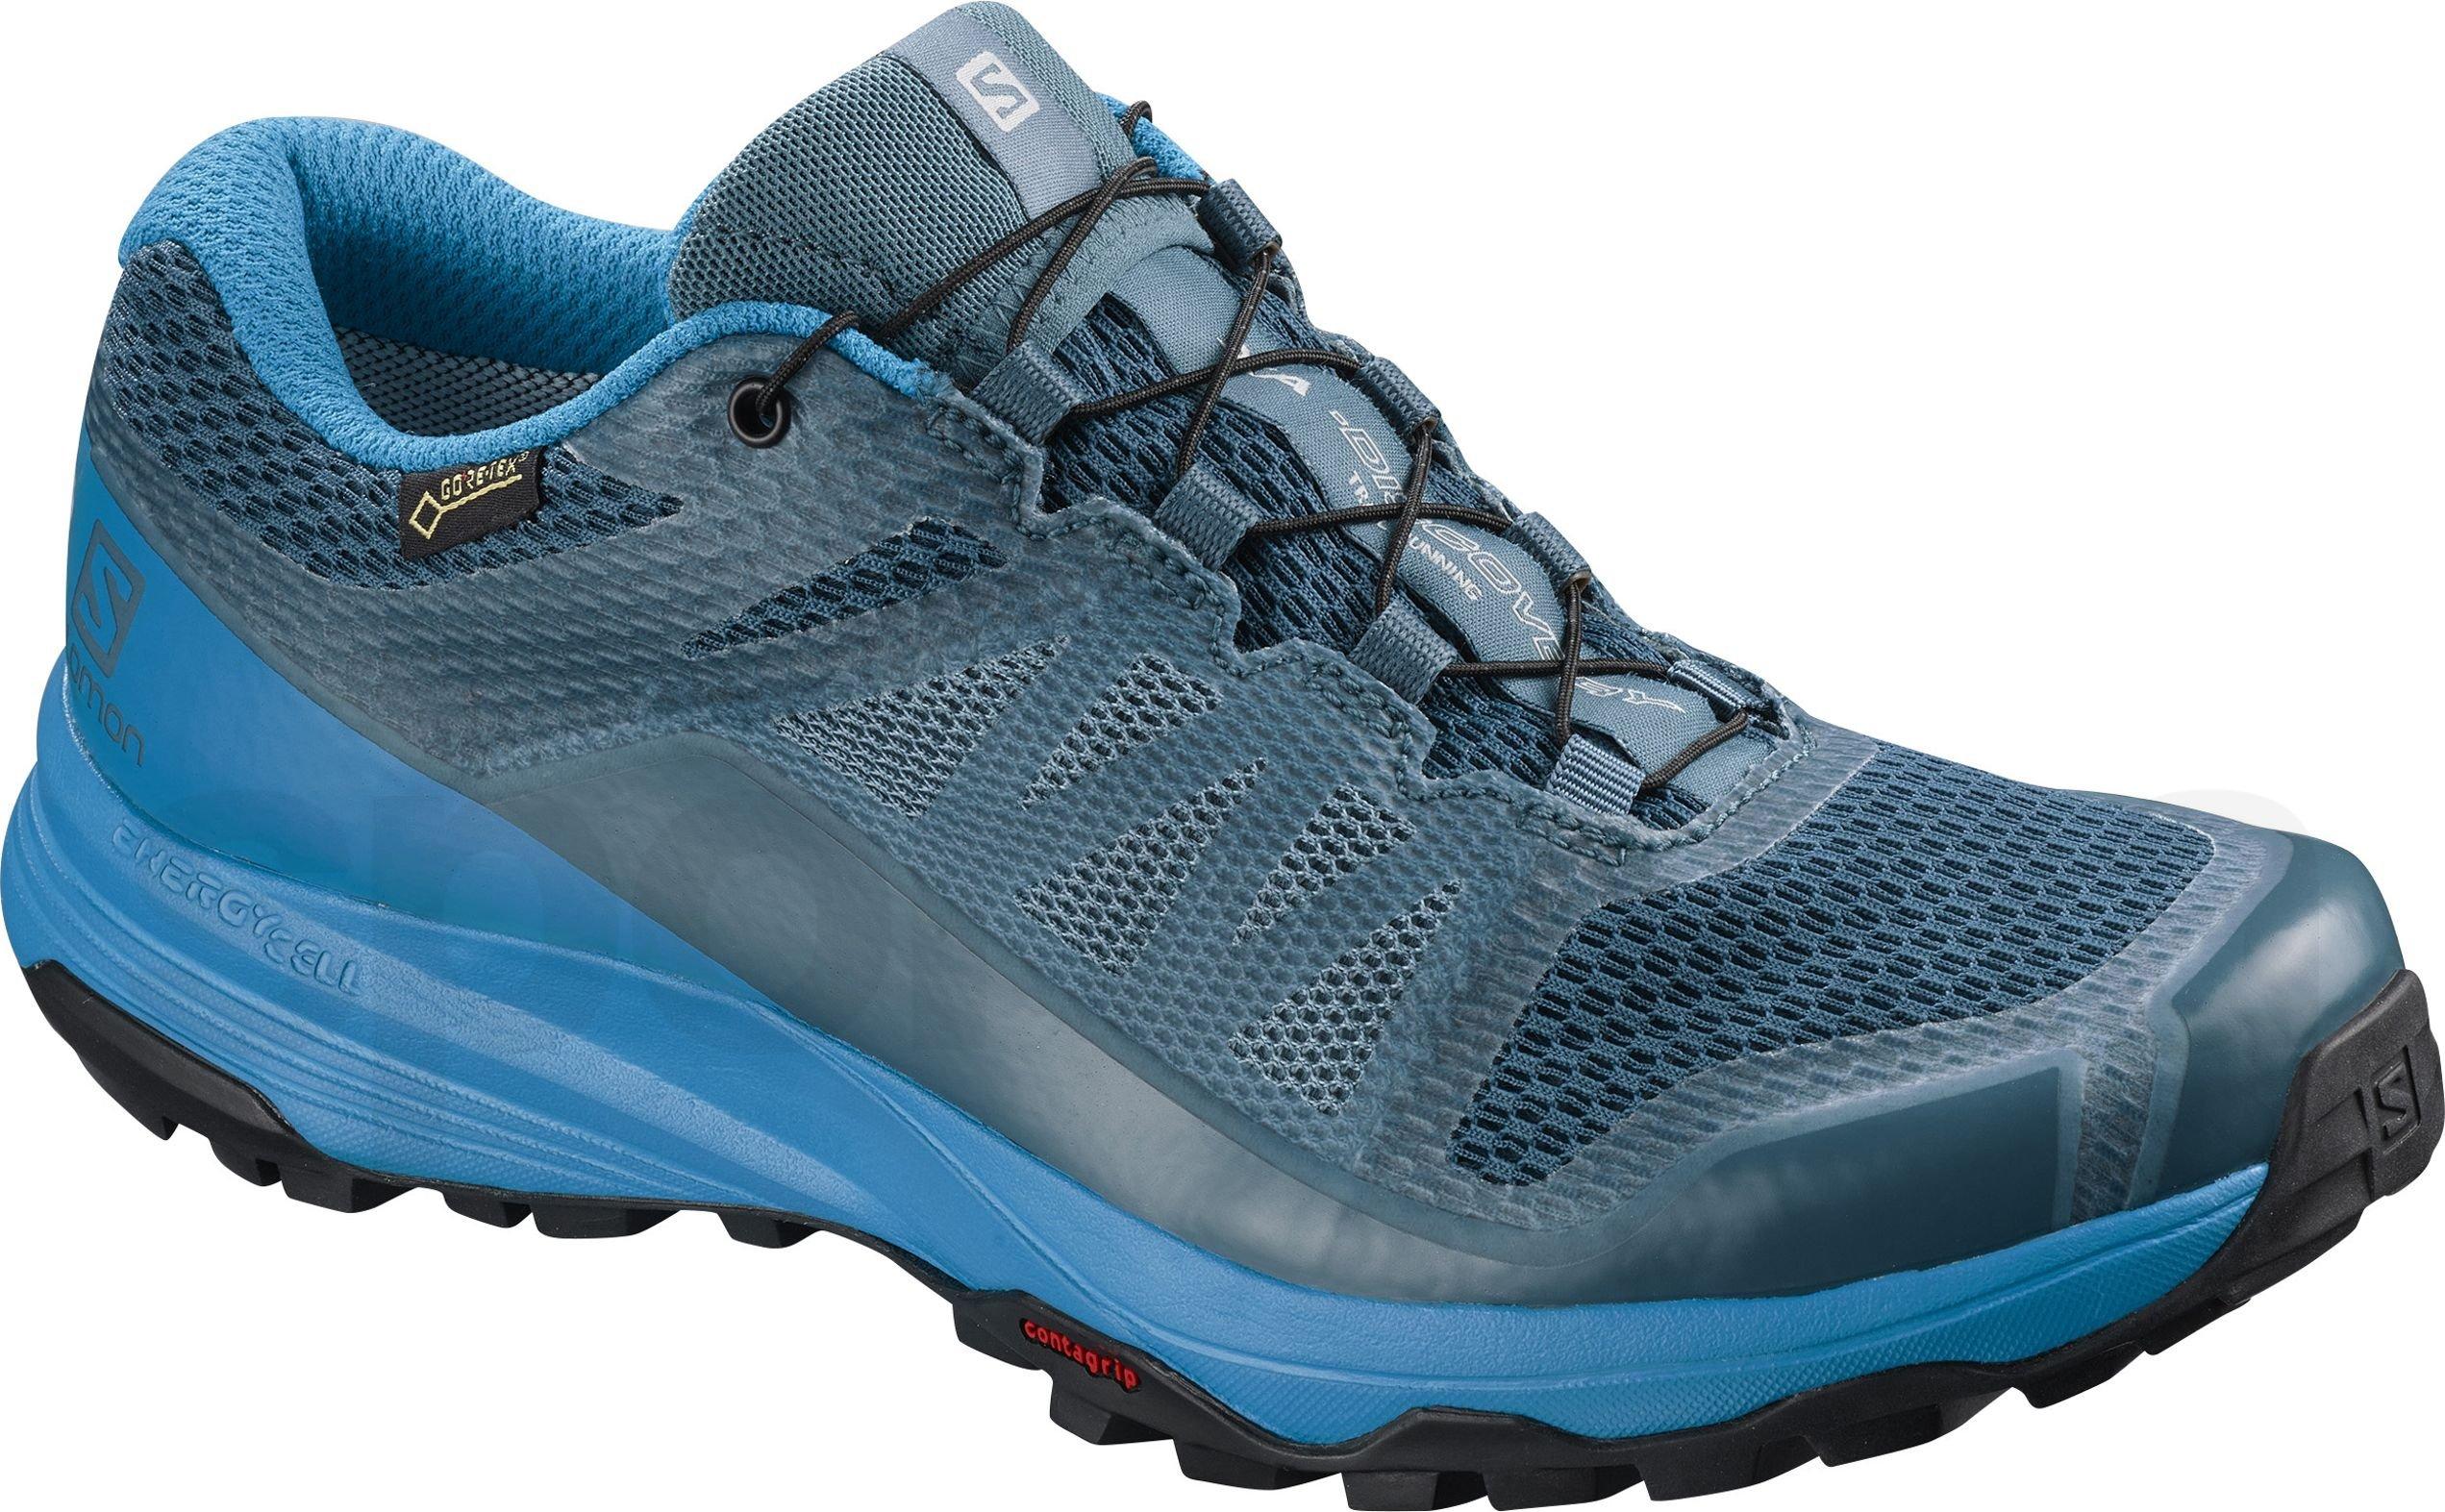 Dámská turistická obuv Salomon X ULTRA 3 GTX W Magnet Bk Mineral R ... 821b92e3bde